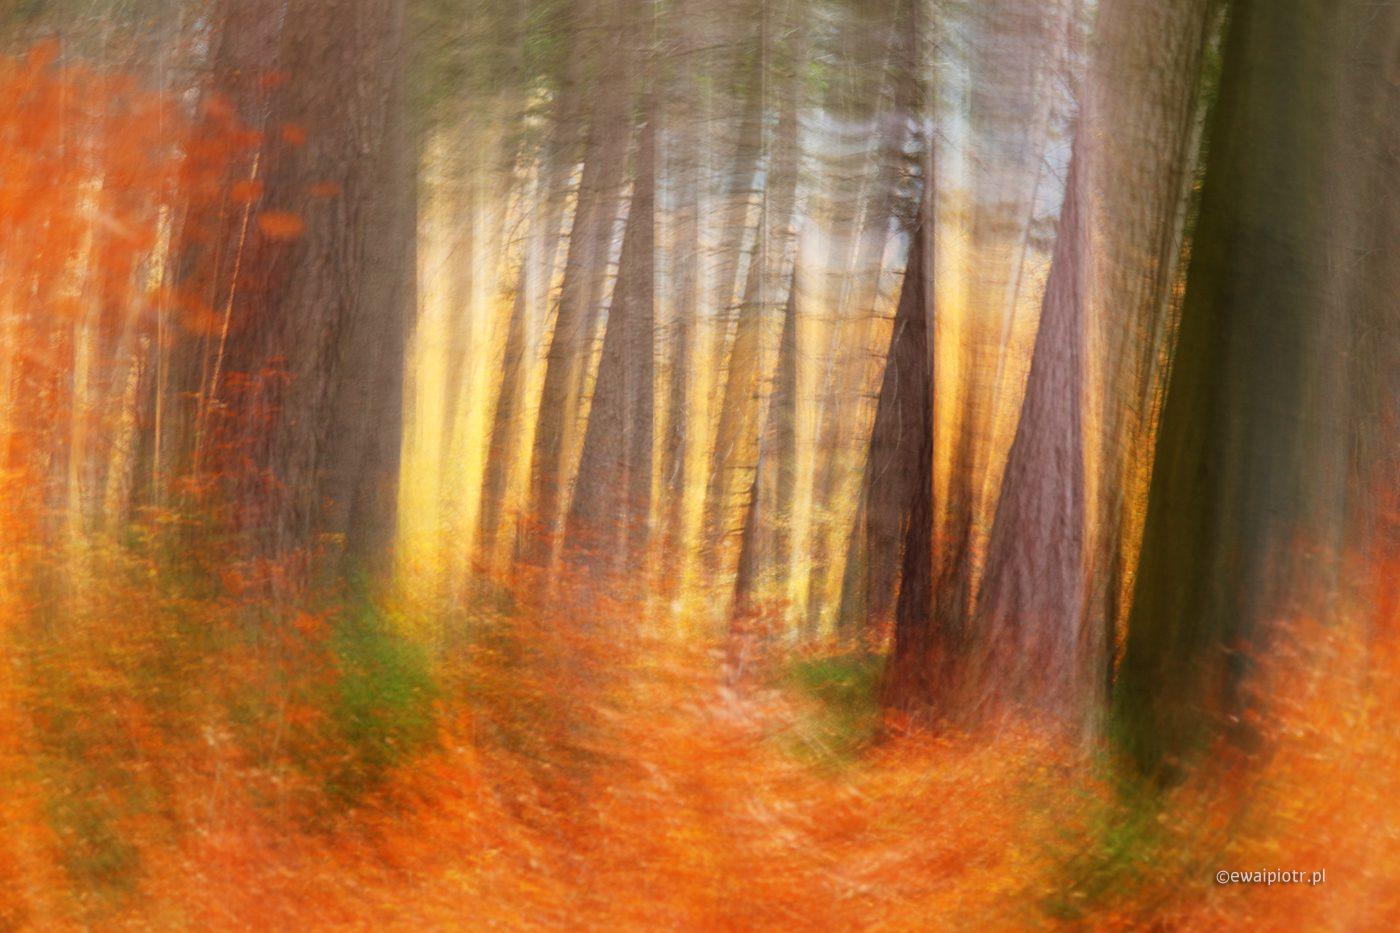 Intencjonalne poruszenie - warsztaty fotograficzne, złota jesień, Karkonosze